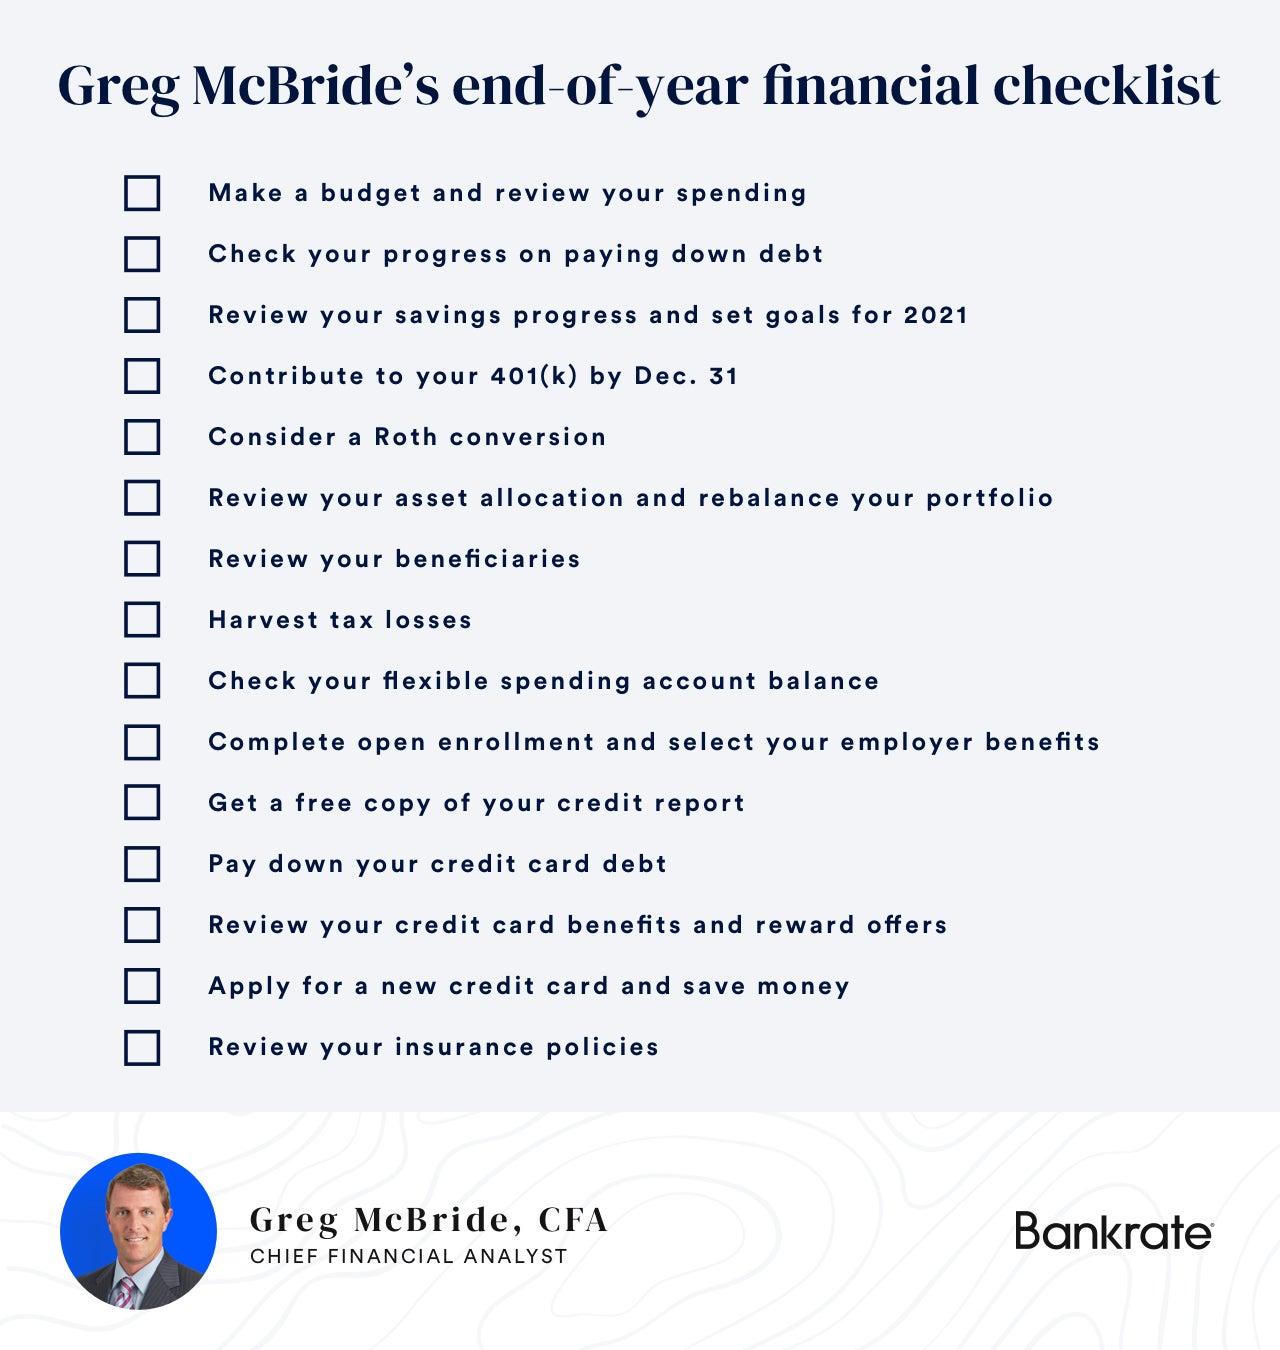 Greg McBride checklist